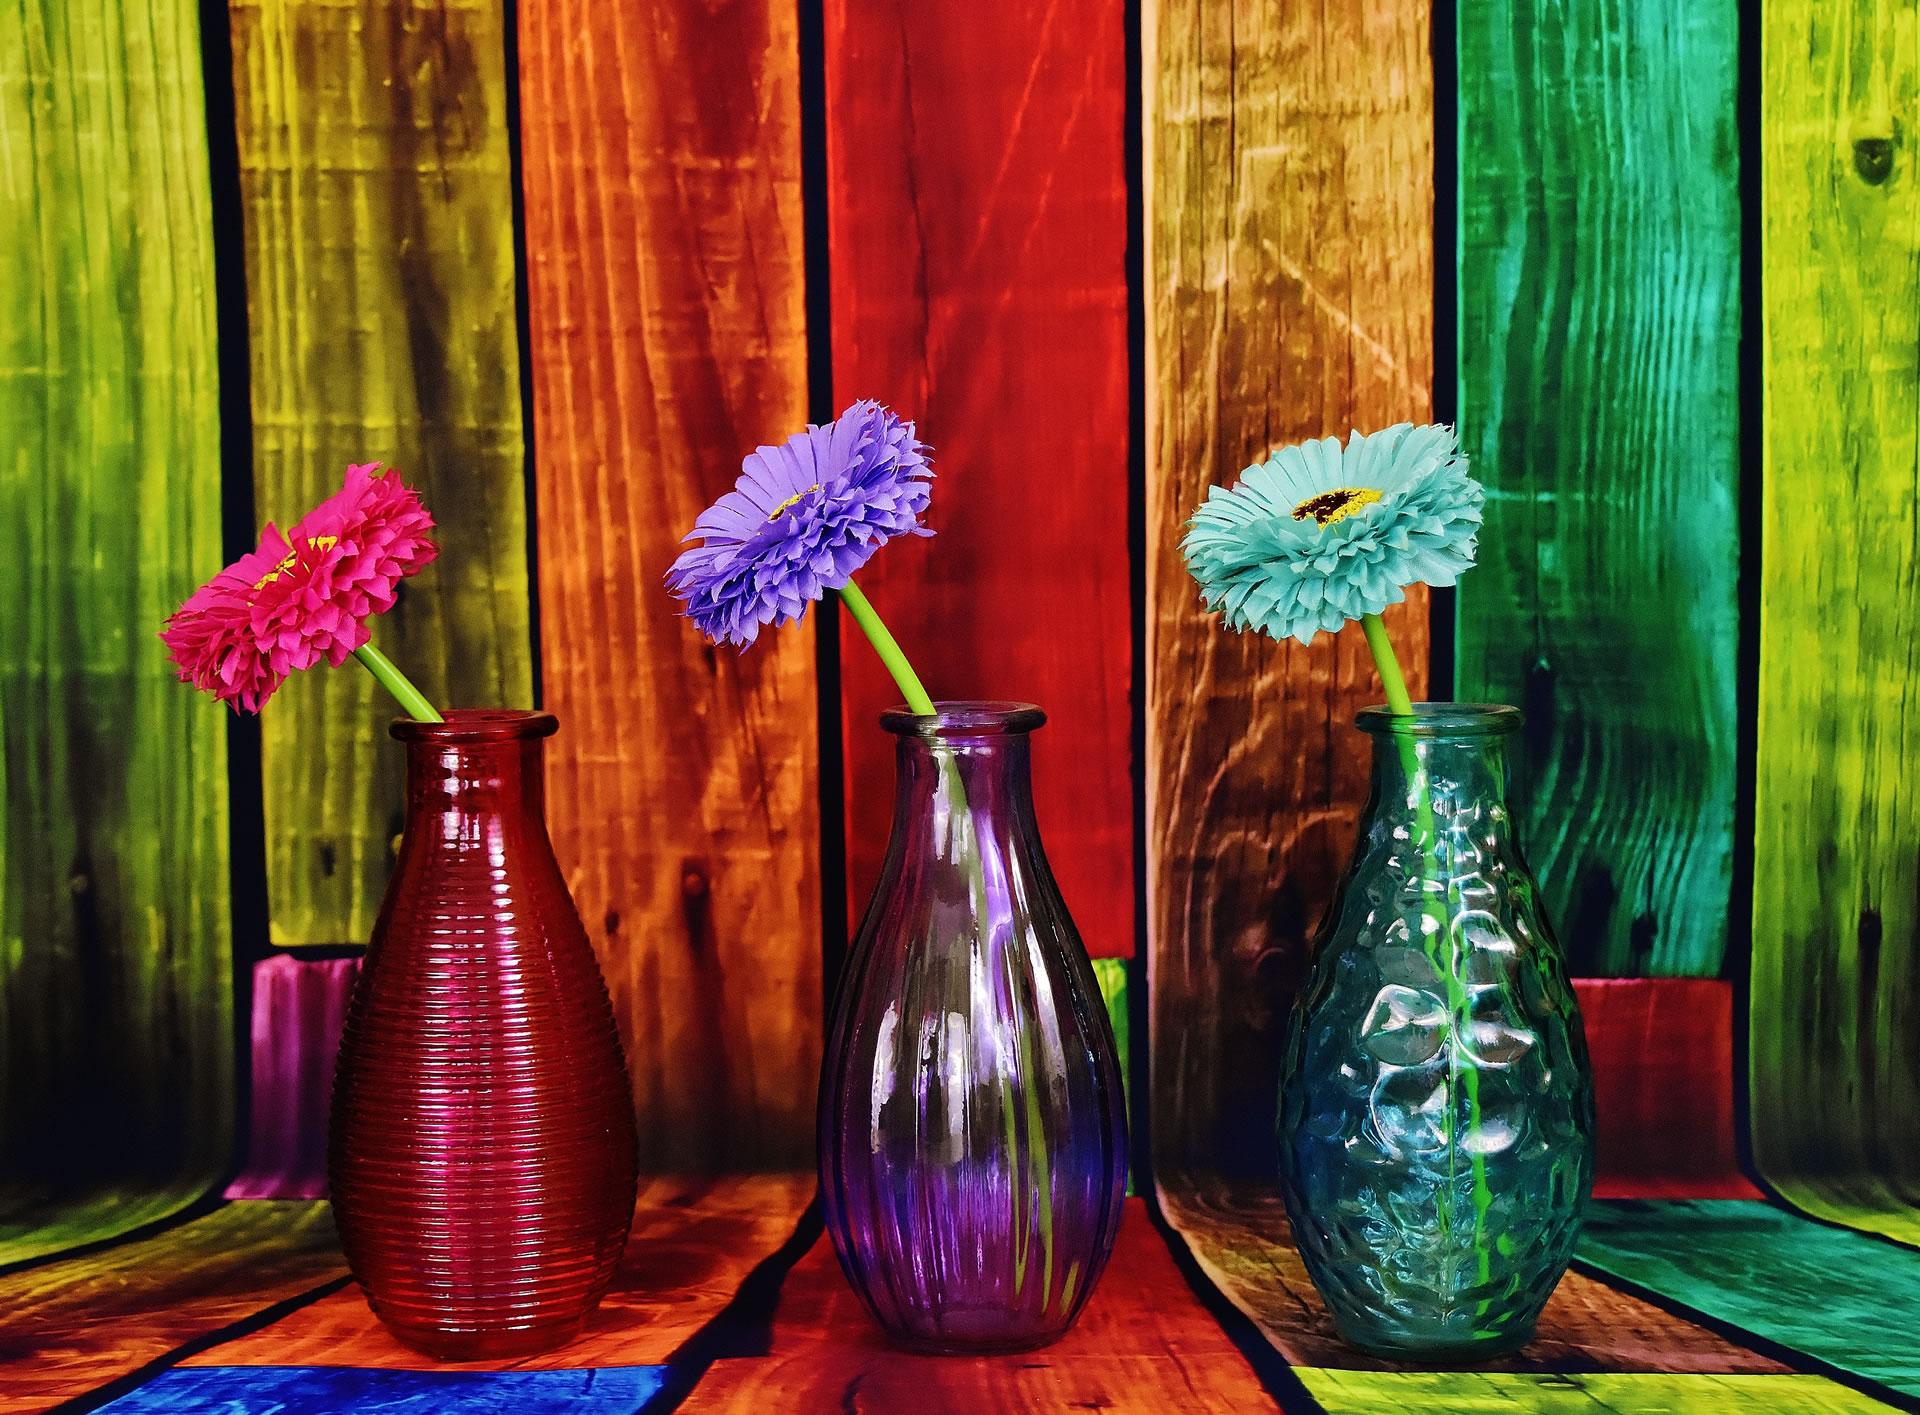 download wallpaper: bloemen op een vaasje wallpaper